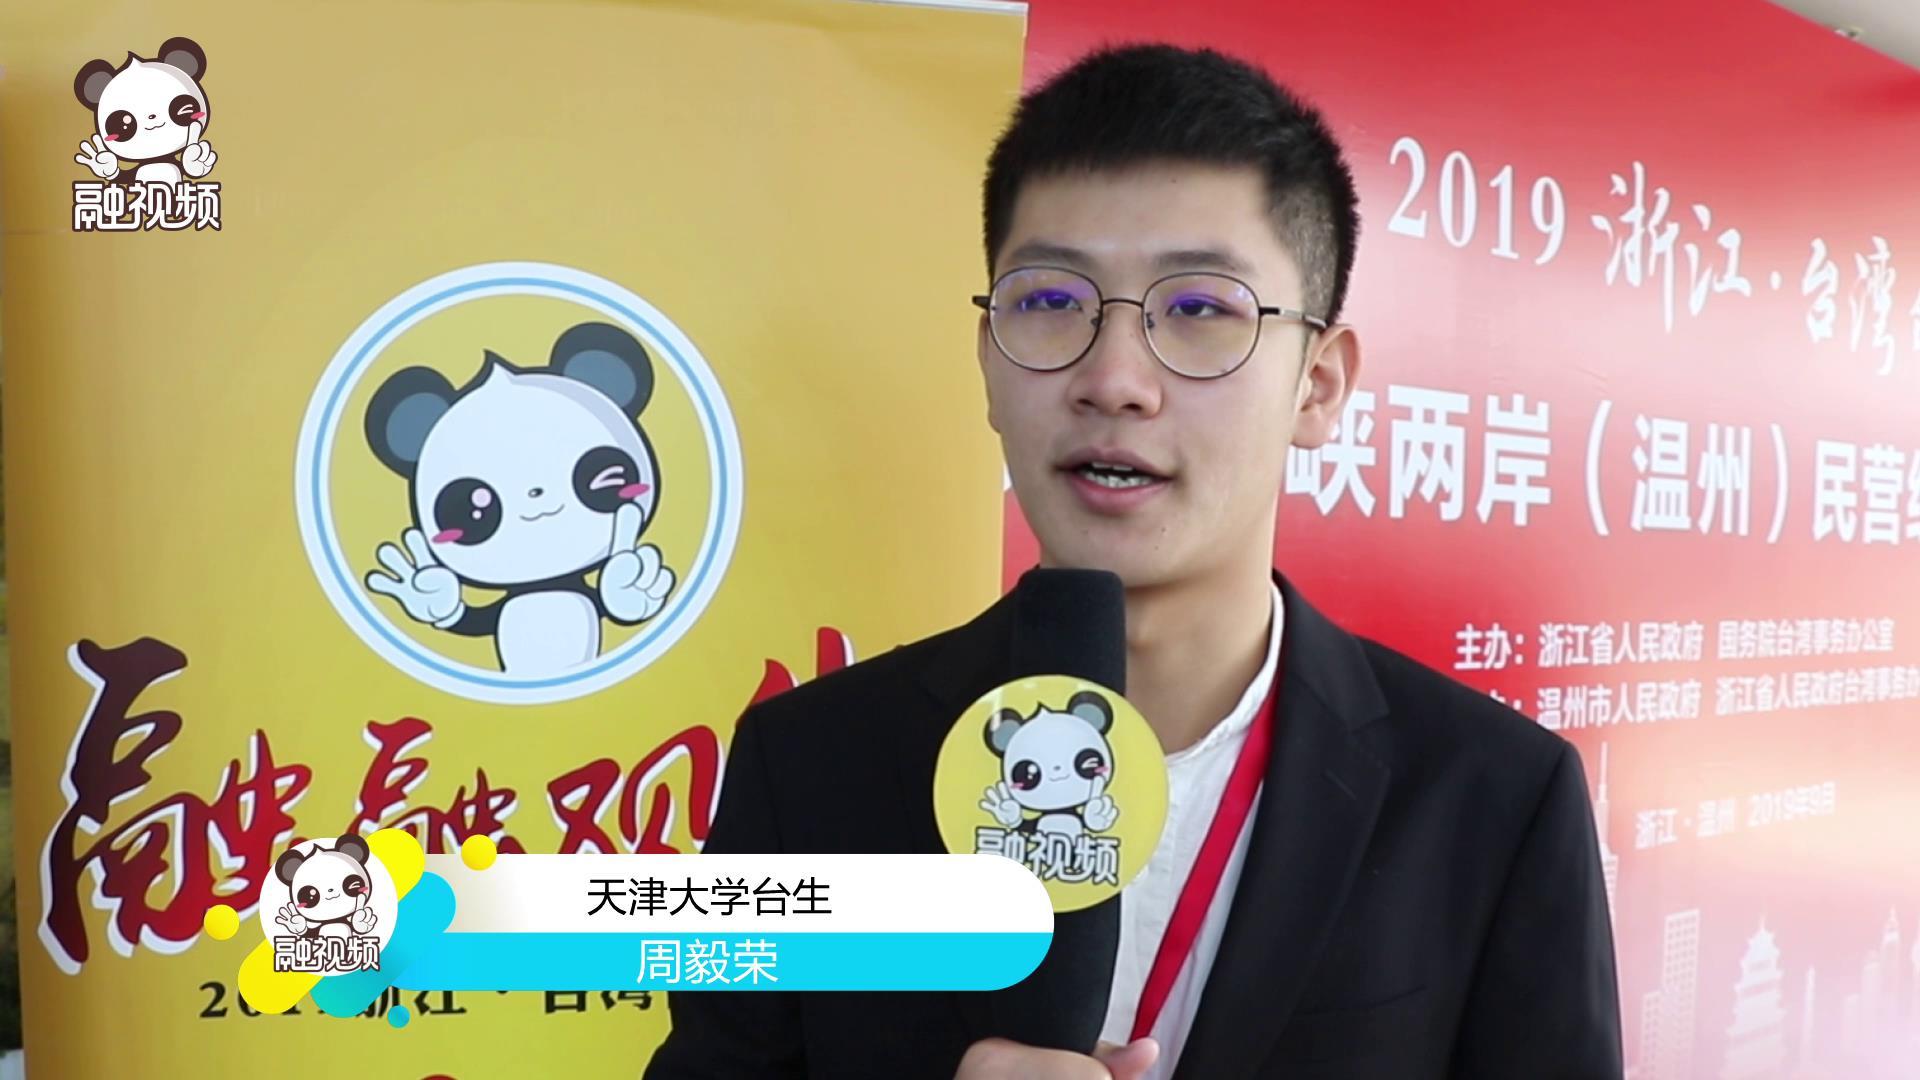 专访天津大学台生周毅荣:我要去更多城市挑战不同专业领域图片